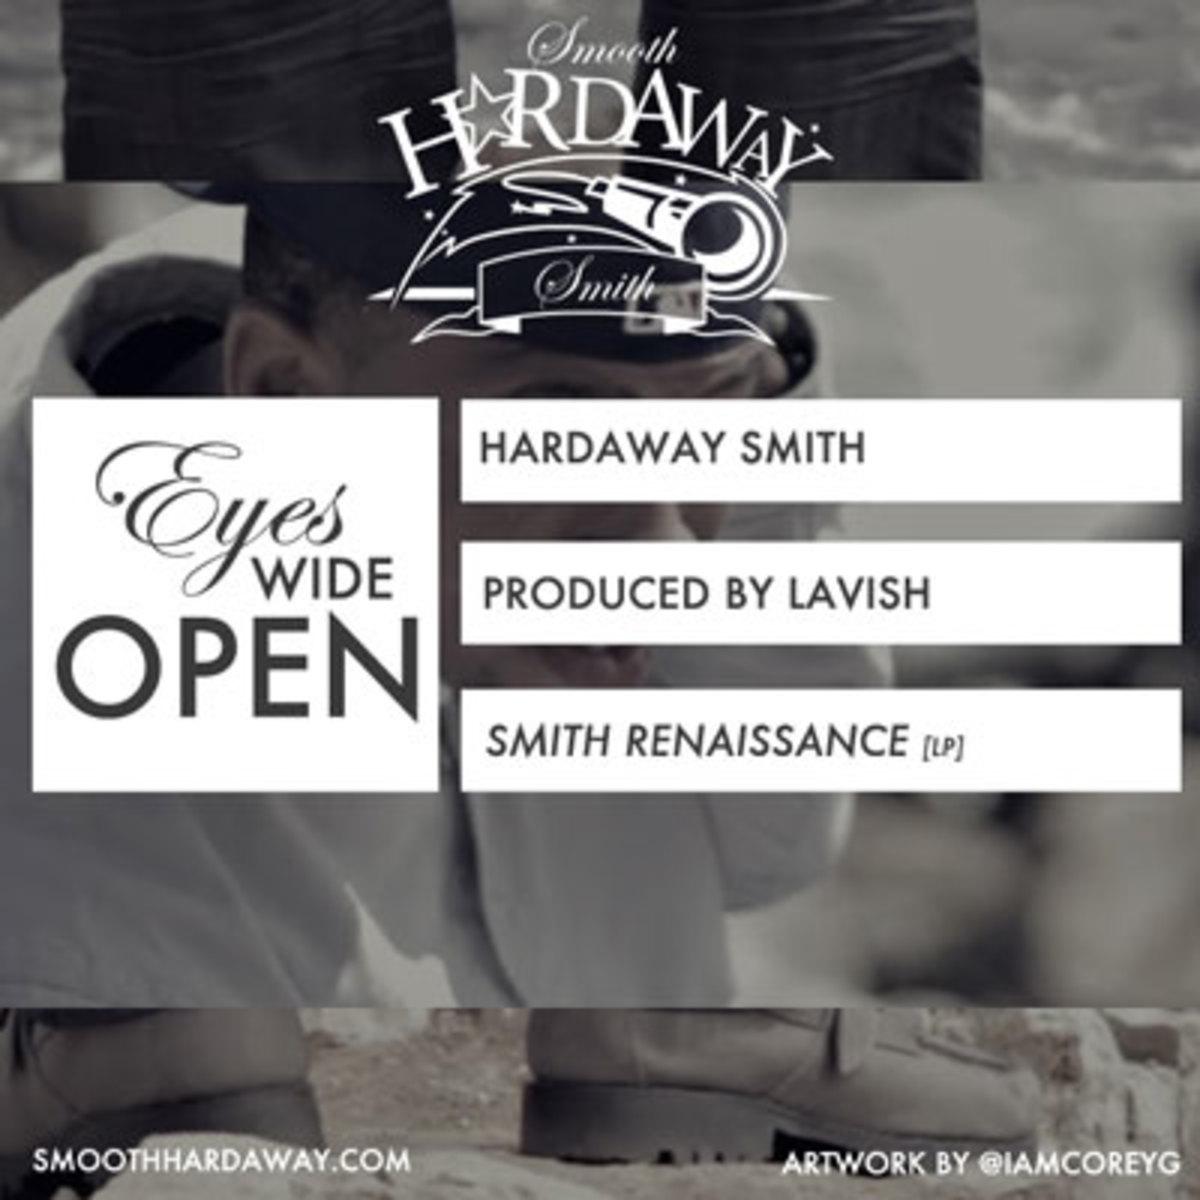 hardawaysmith-eyeswideopen.jpg